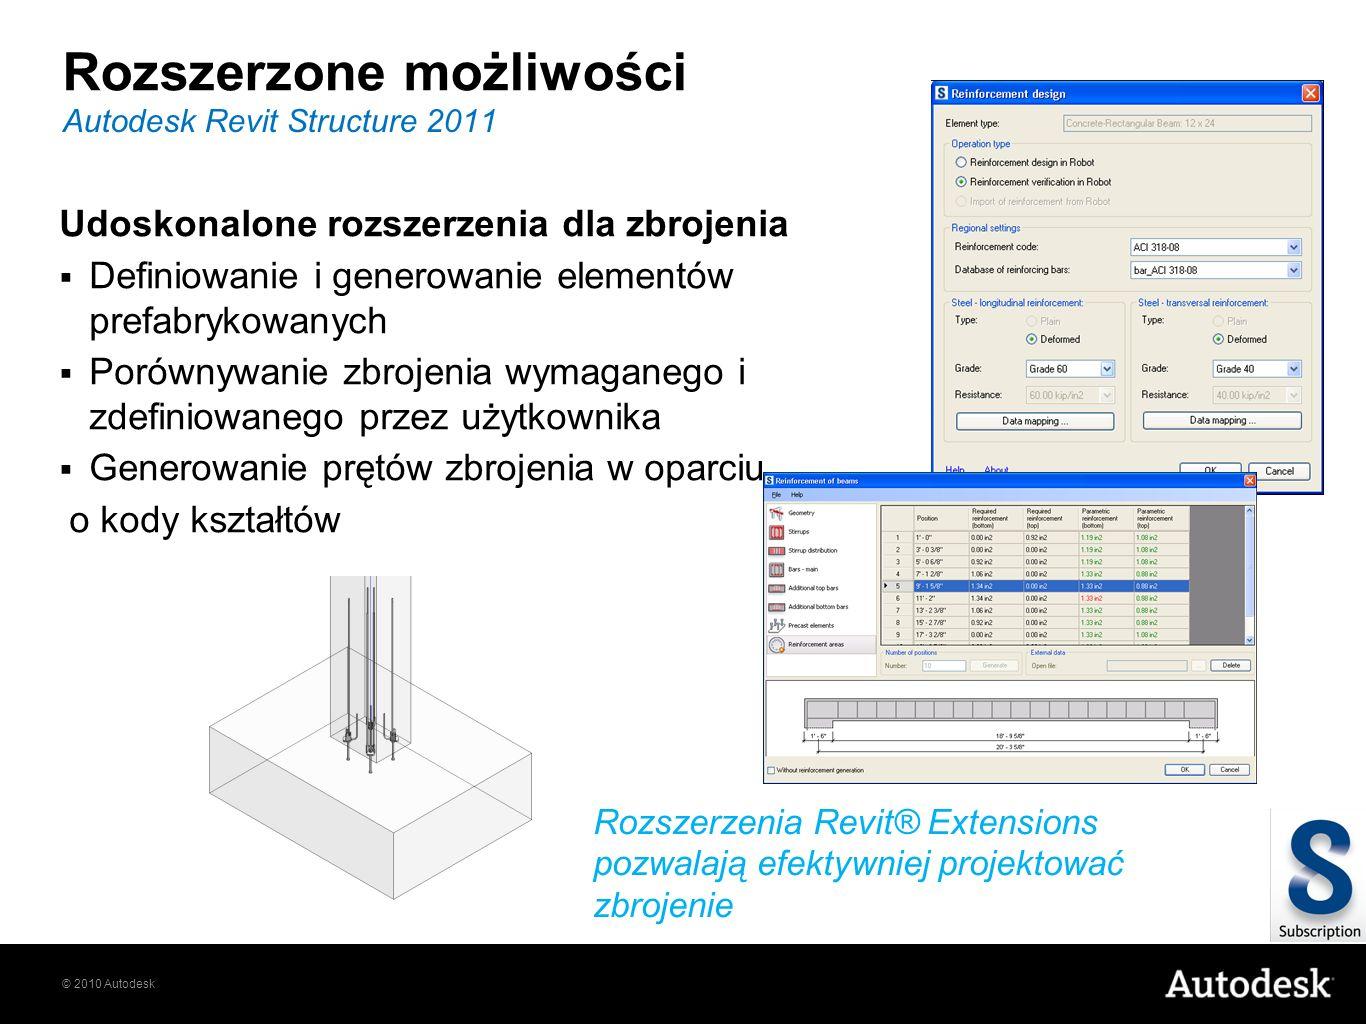 © 2010 Autodesk Rozszerzone możliwości Autodesk Revit Structure 2011 Rozszerzenia Revit® Extensions pozwalają efektywniej projektować zbrojenie Udosko